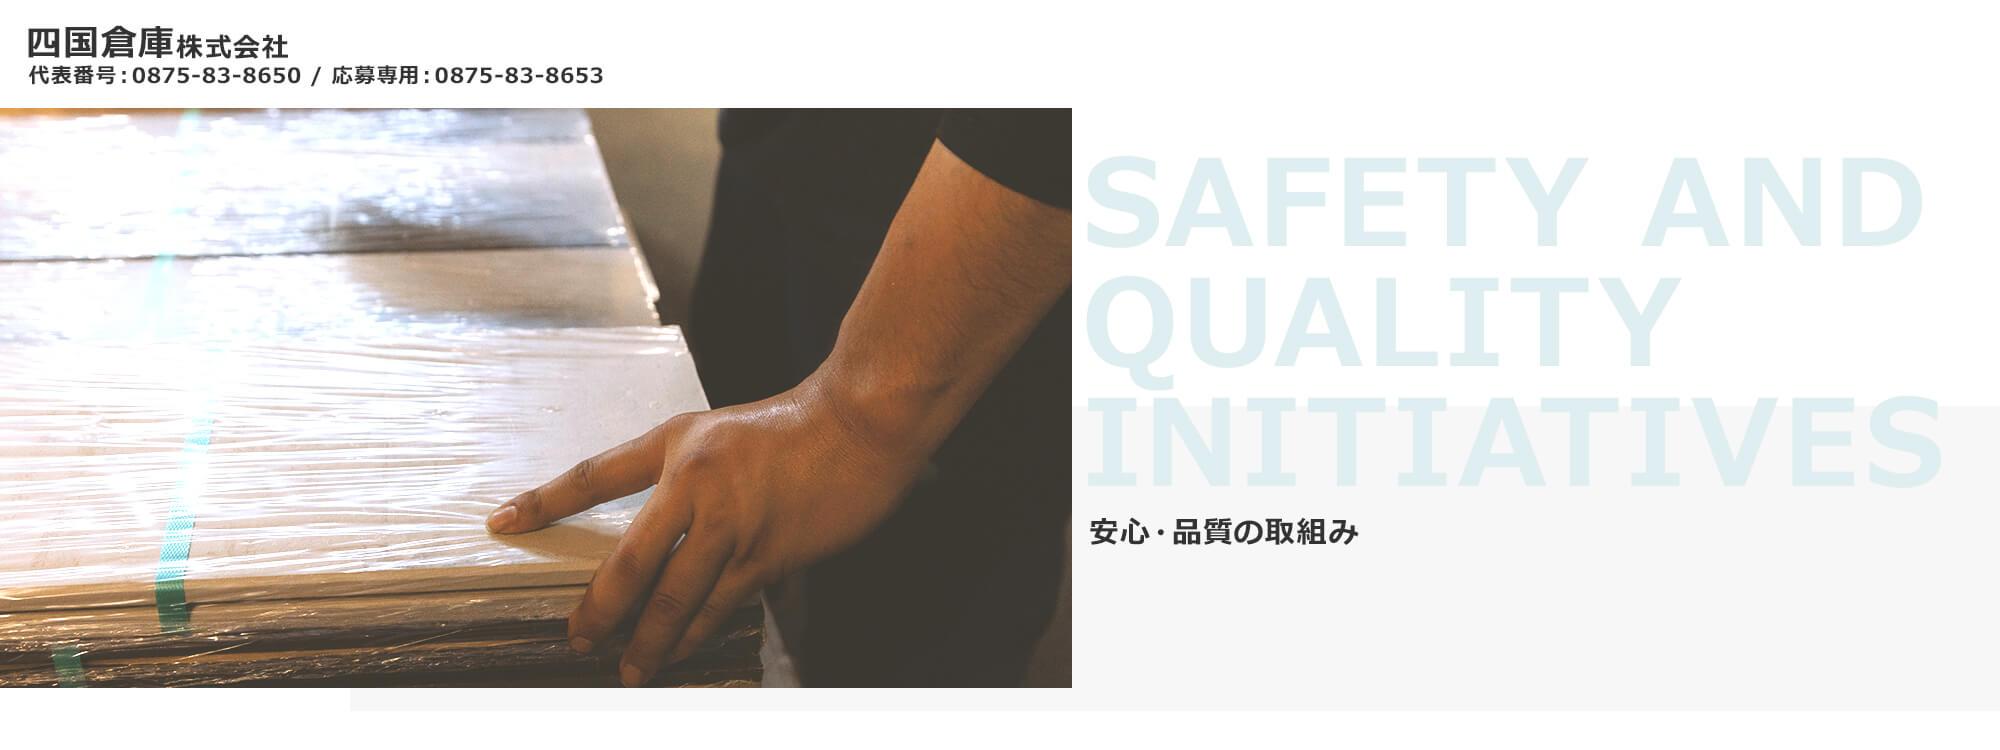 安心・品質の取組み